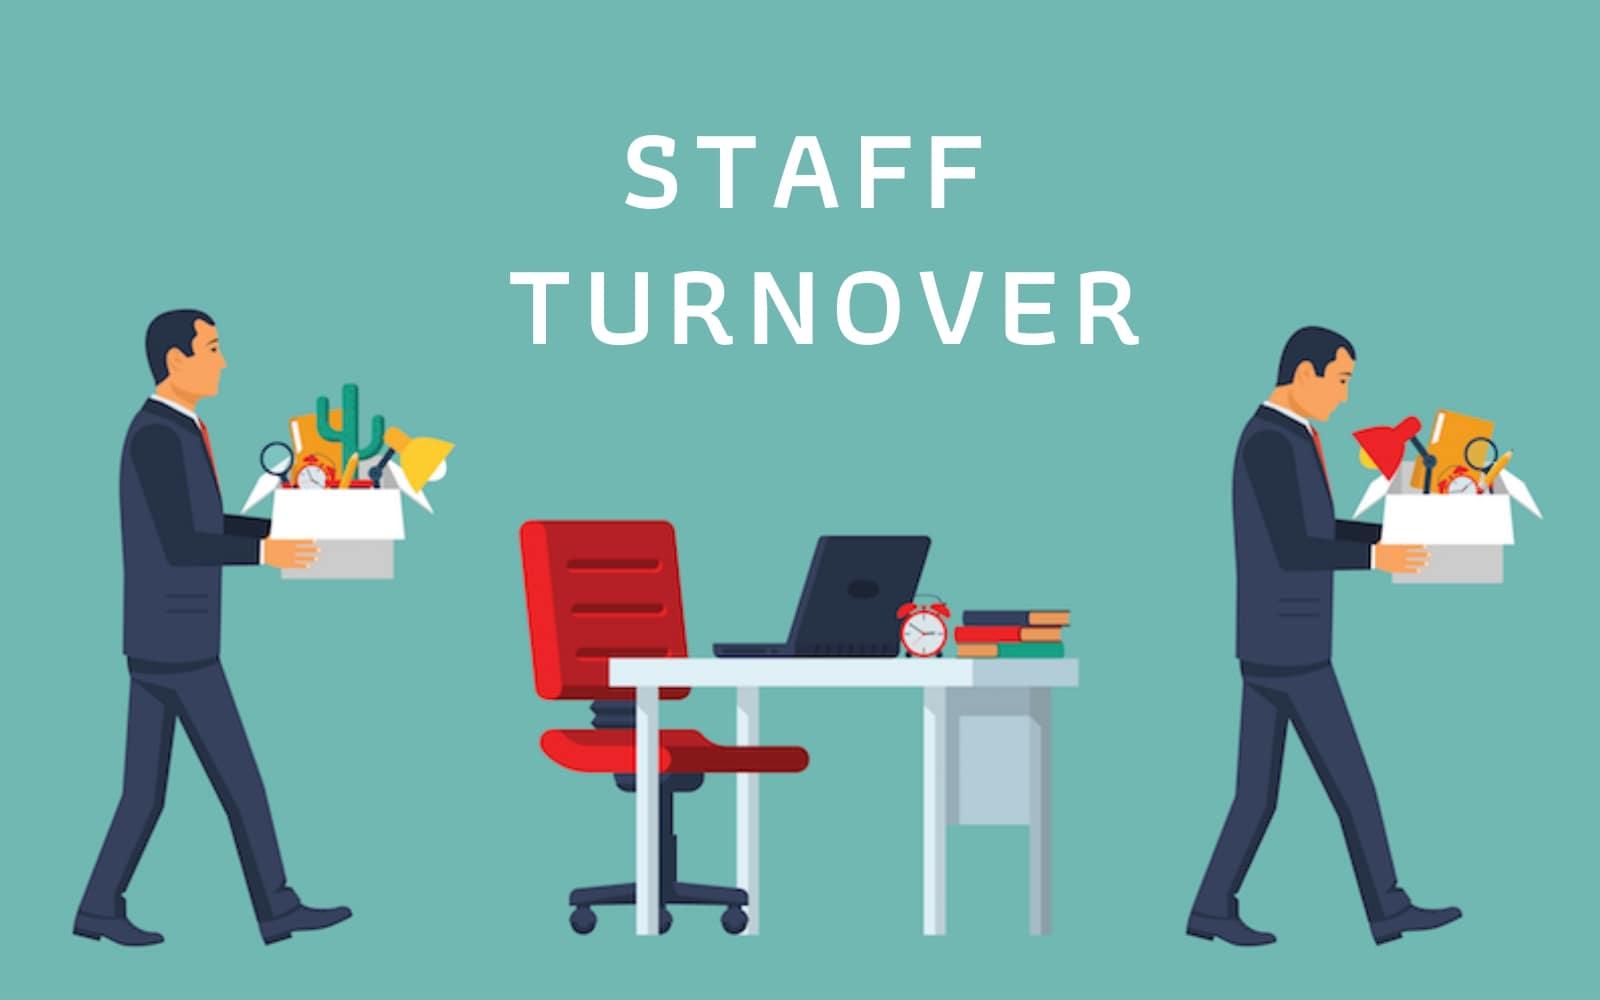 Turnover là gì? Tại sao doanh nghiệp phải đối mặt với Staff Turnover